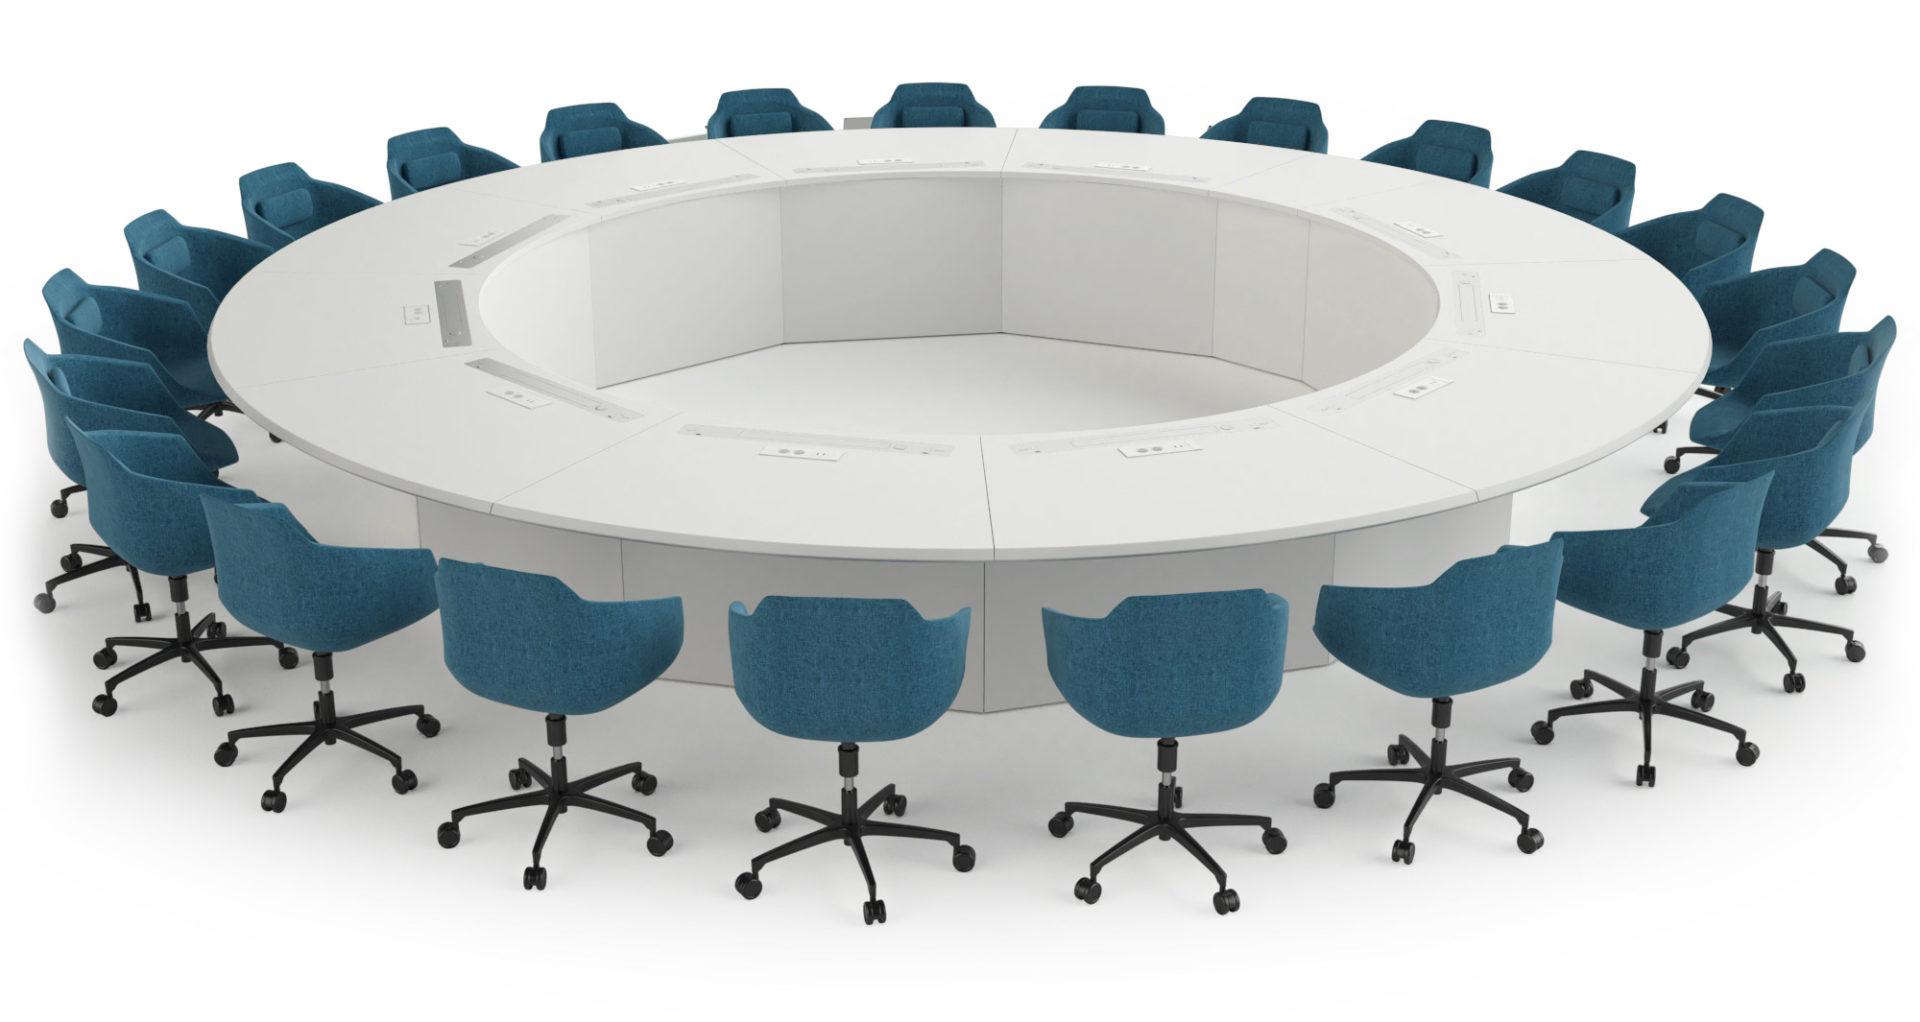 Table de réunion ronde avec écrans rétractés et connectique intégrée